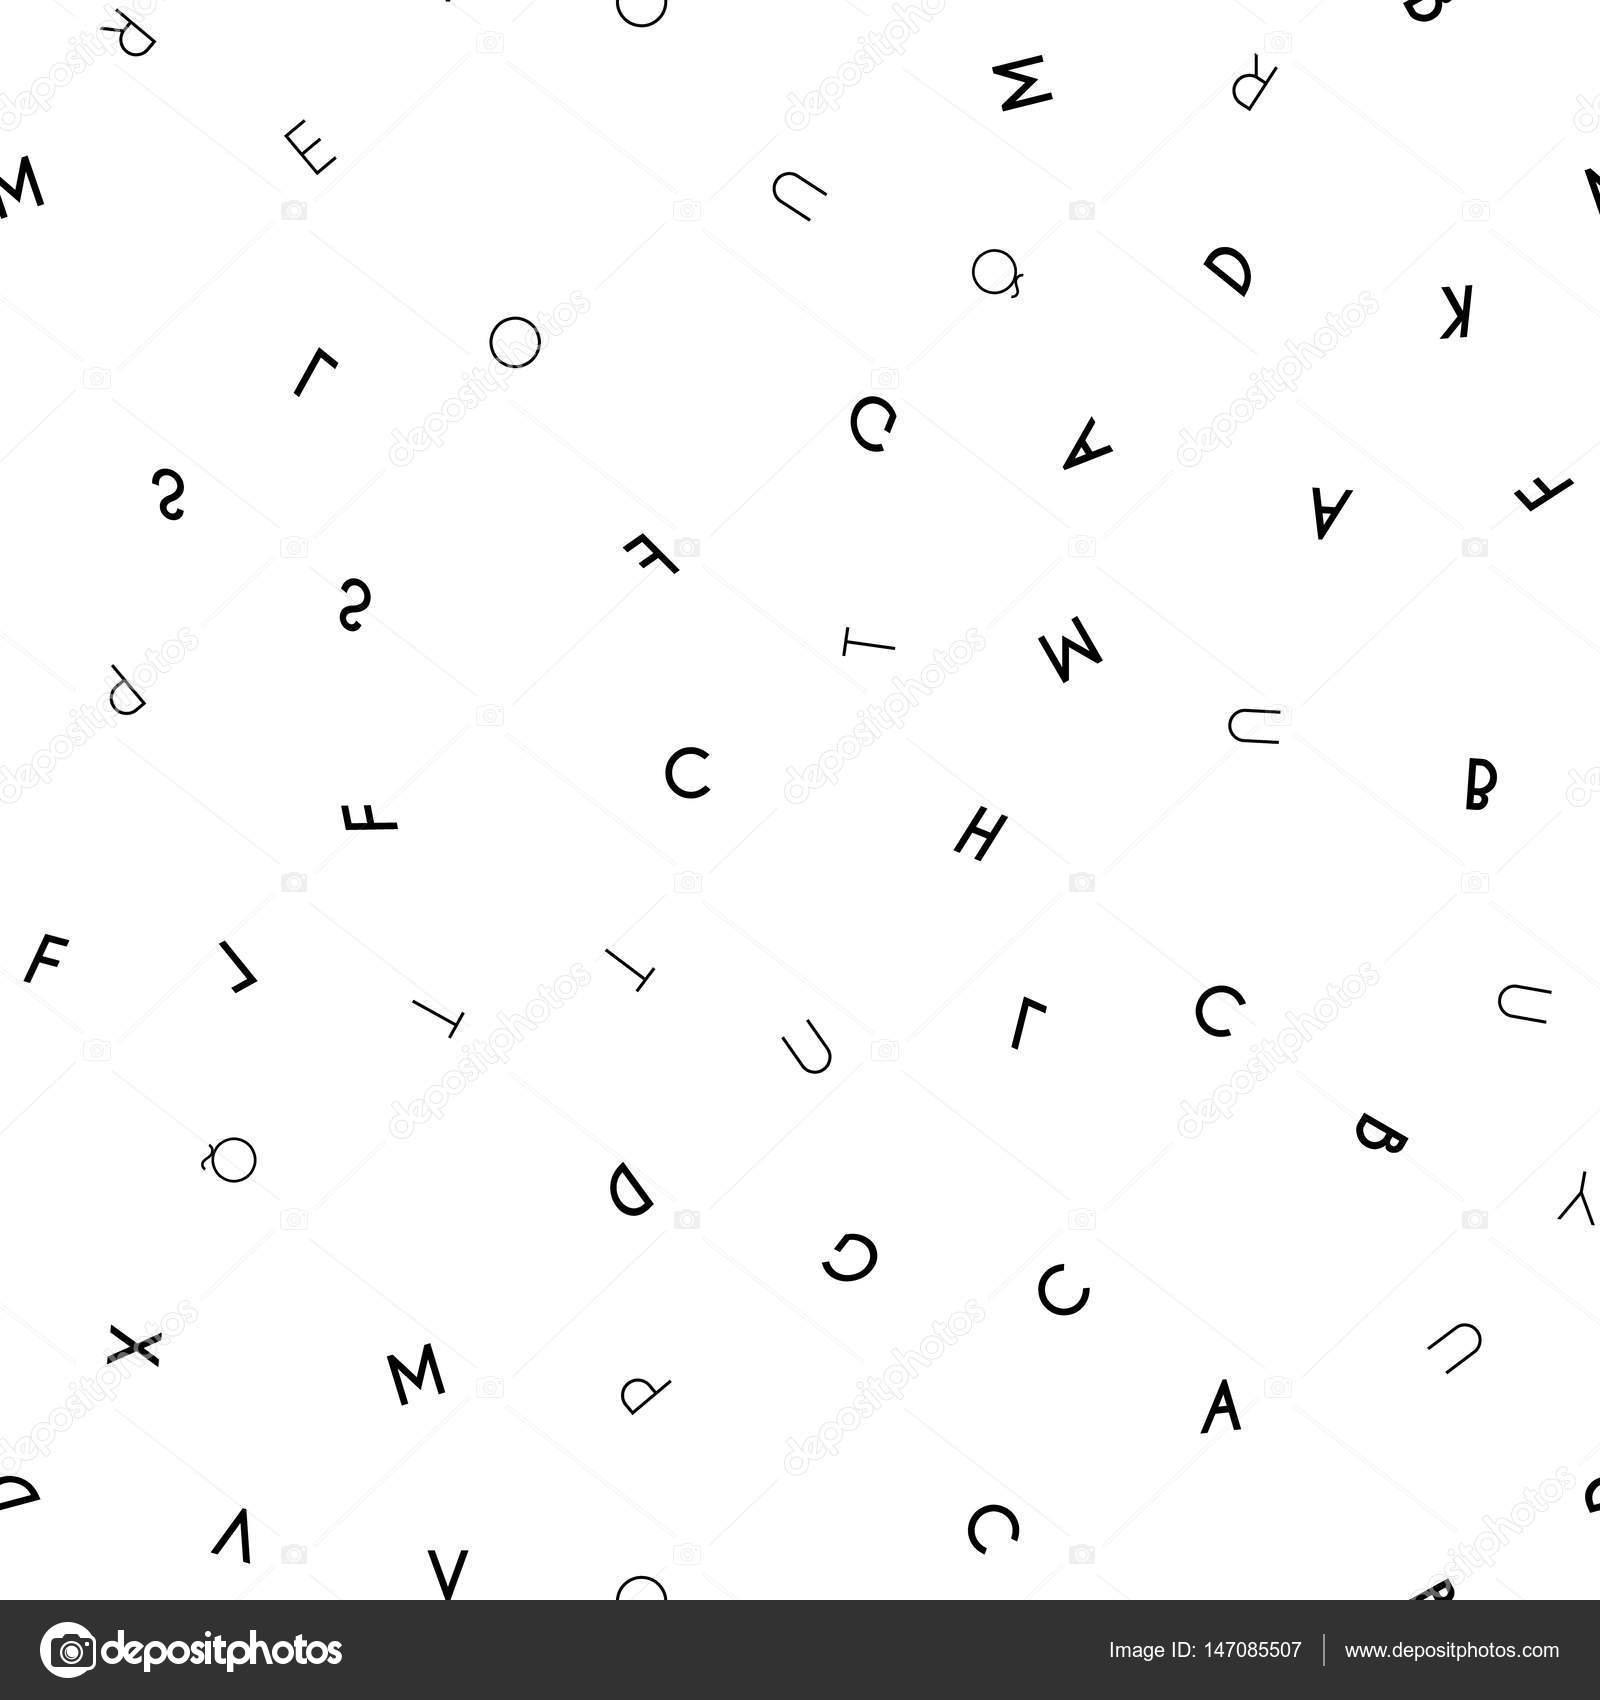 époustouflant Modèle sans couture lettre noir sur fond blanc — Image vectorielle &JQ_89